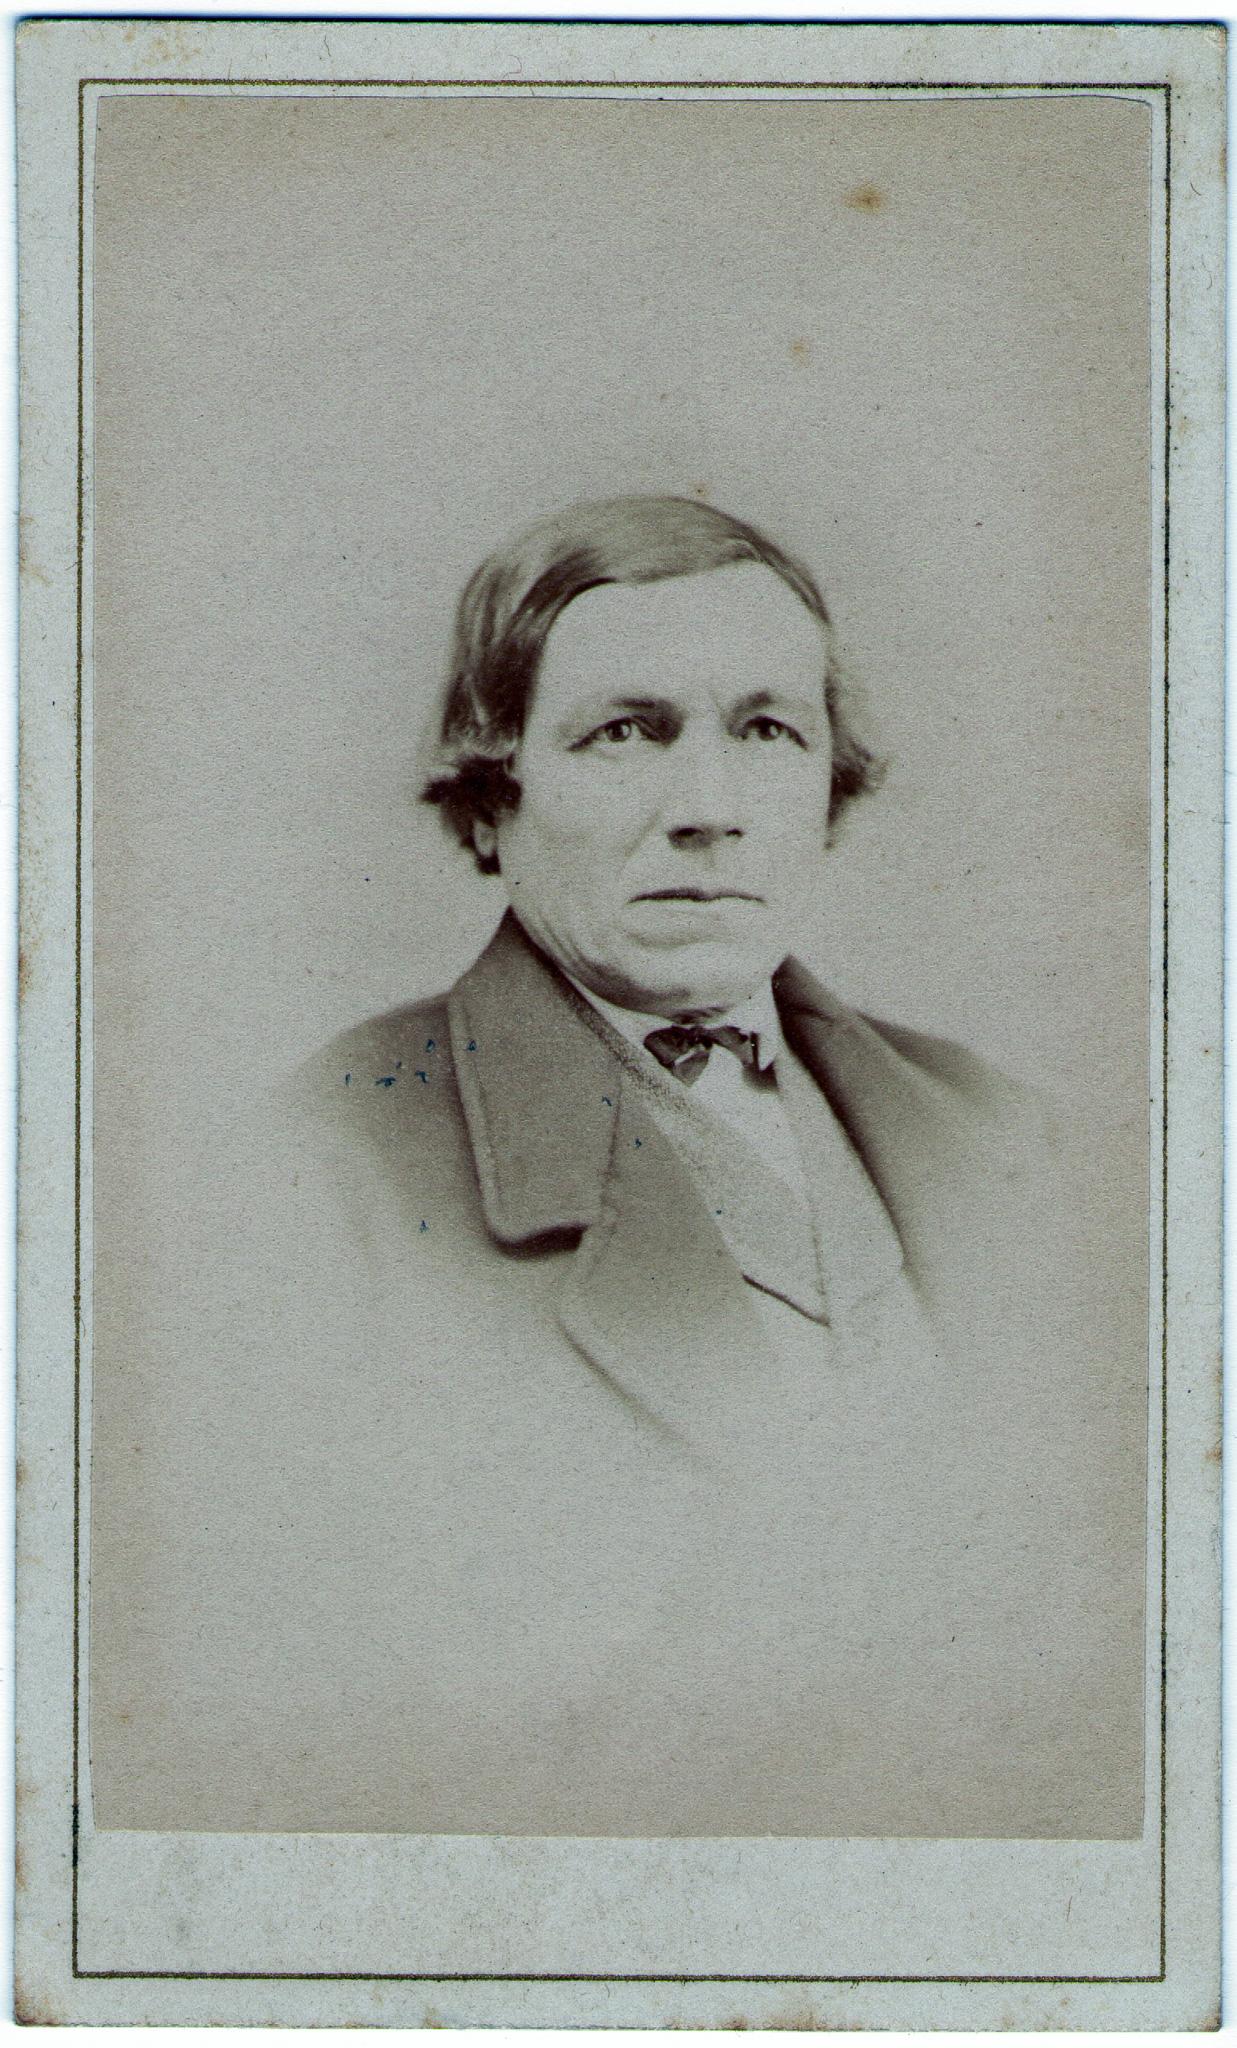 Thomas W Richards